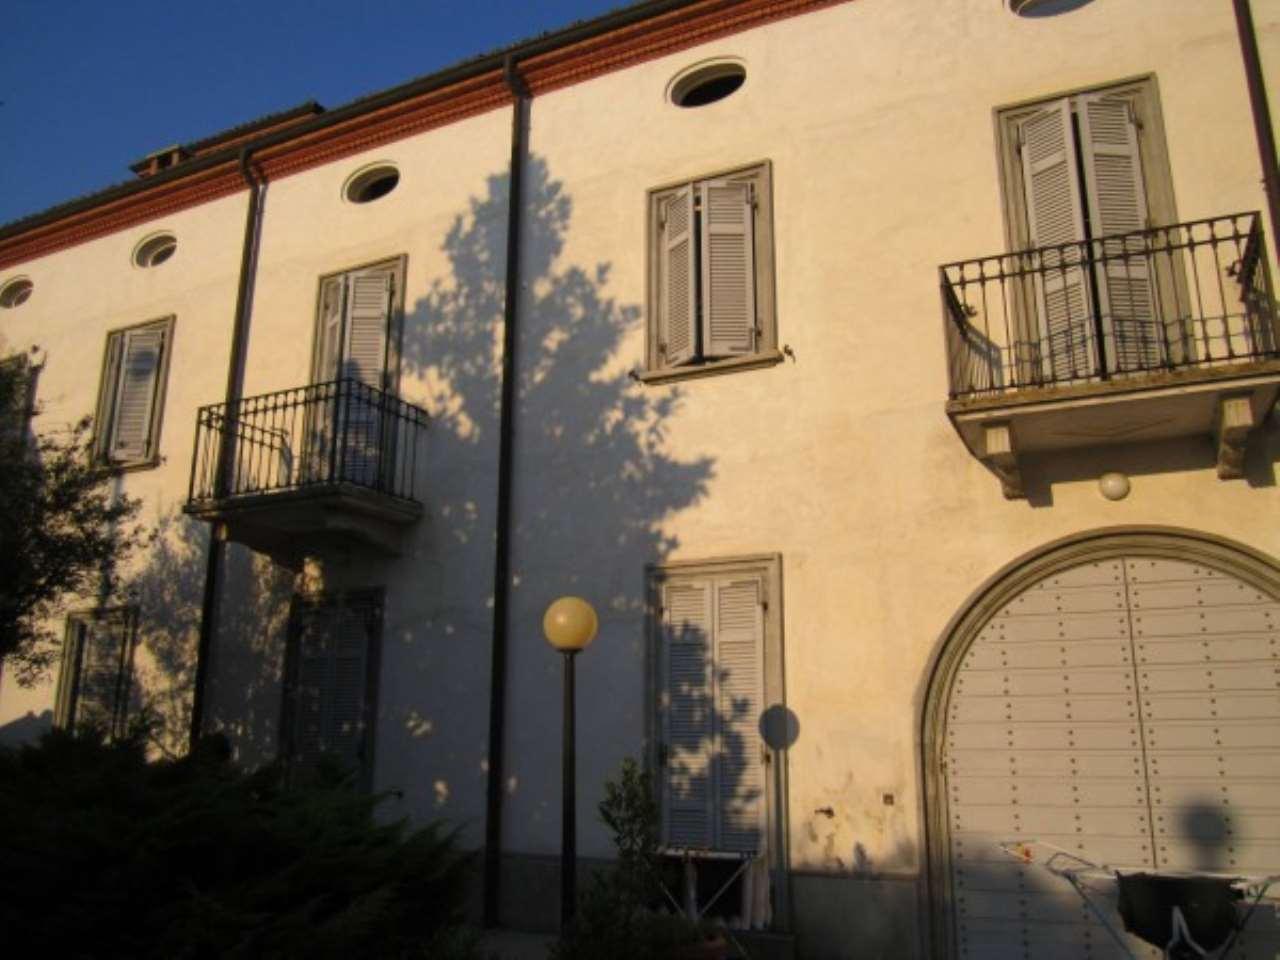 Villa in vendita a Alessandria, 6 locali, Trattative riservate | Cambio Casa.it